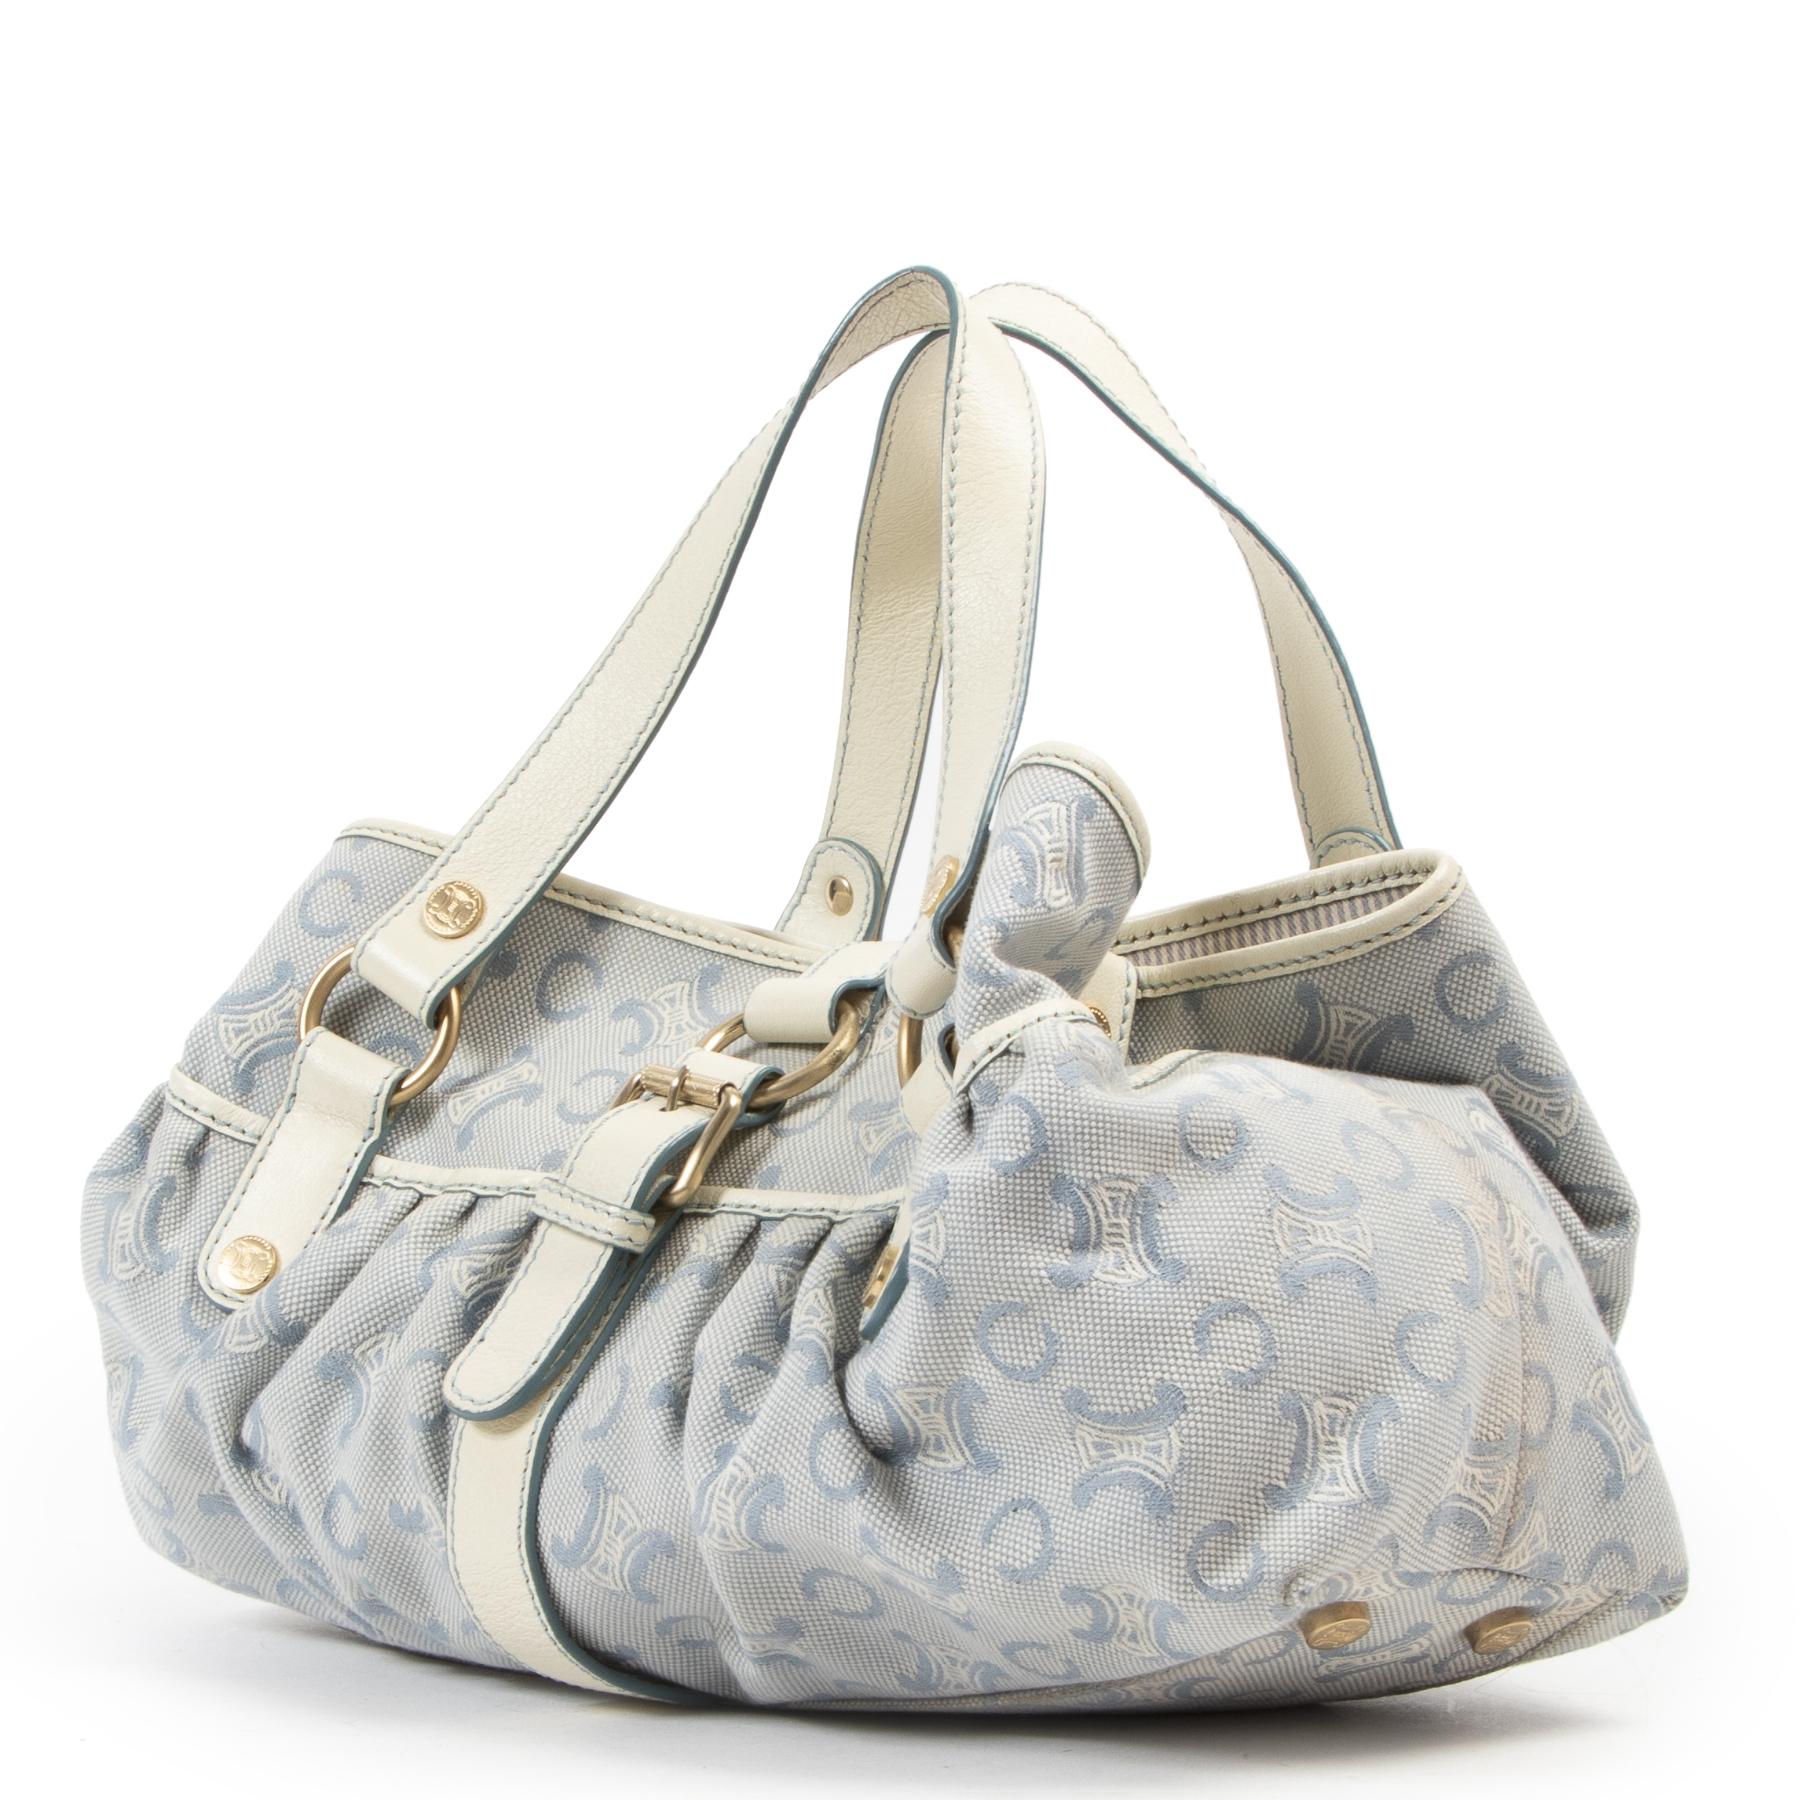 Acheter d'authentiques sacs à main Celine d'occasion à bon prix chez LabelLOV.